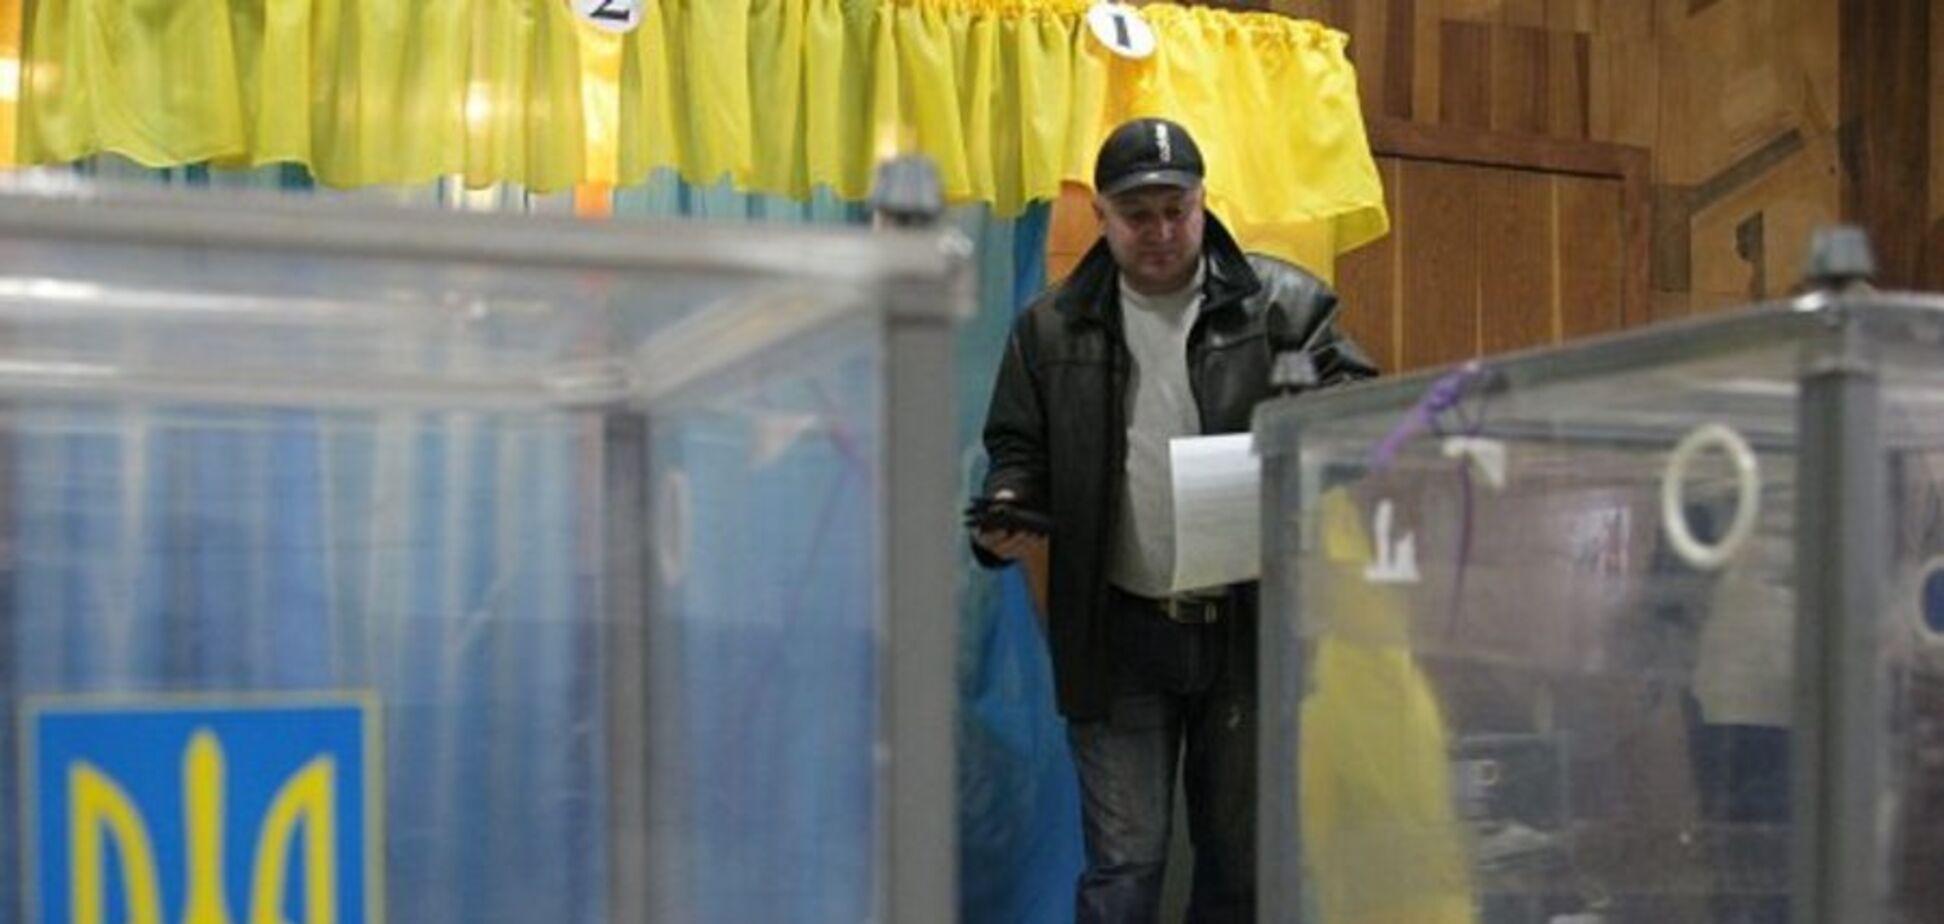 Рекордна явка на виборах в Україні: як вплине на результат